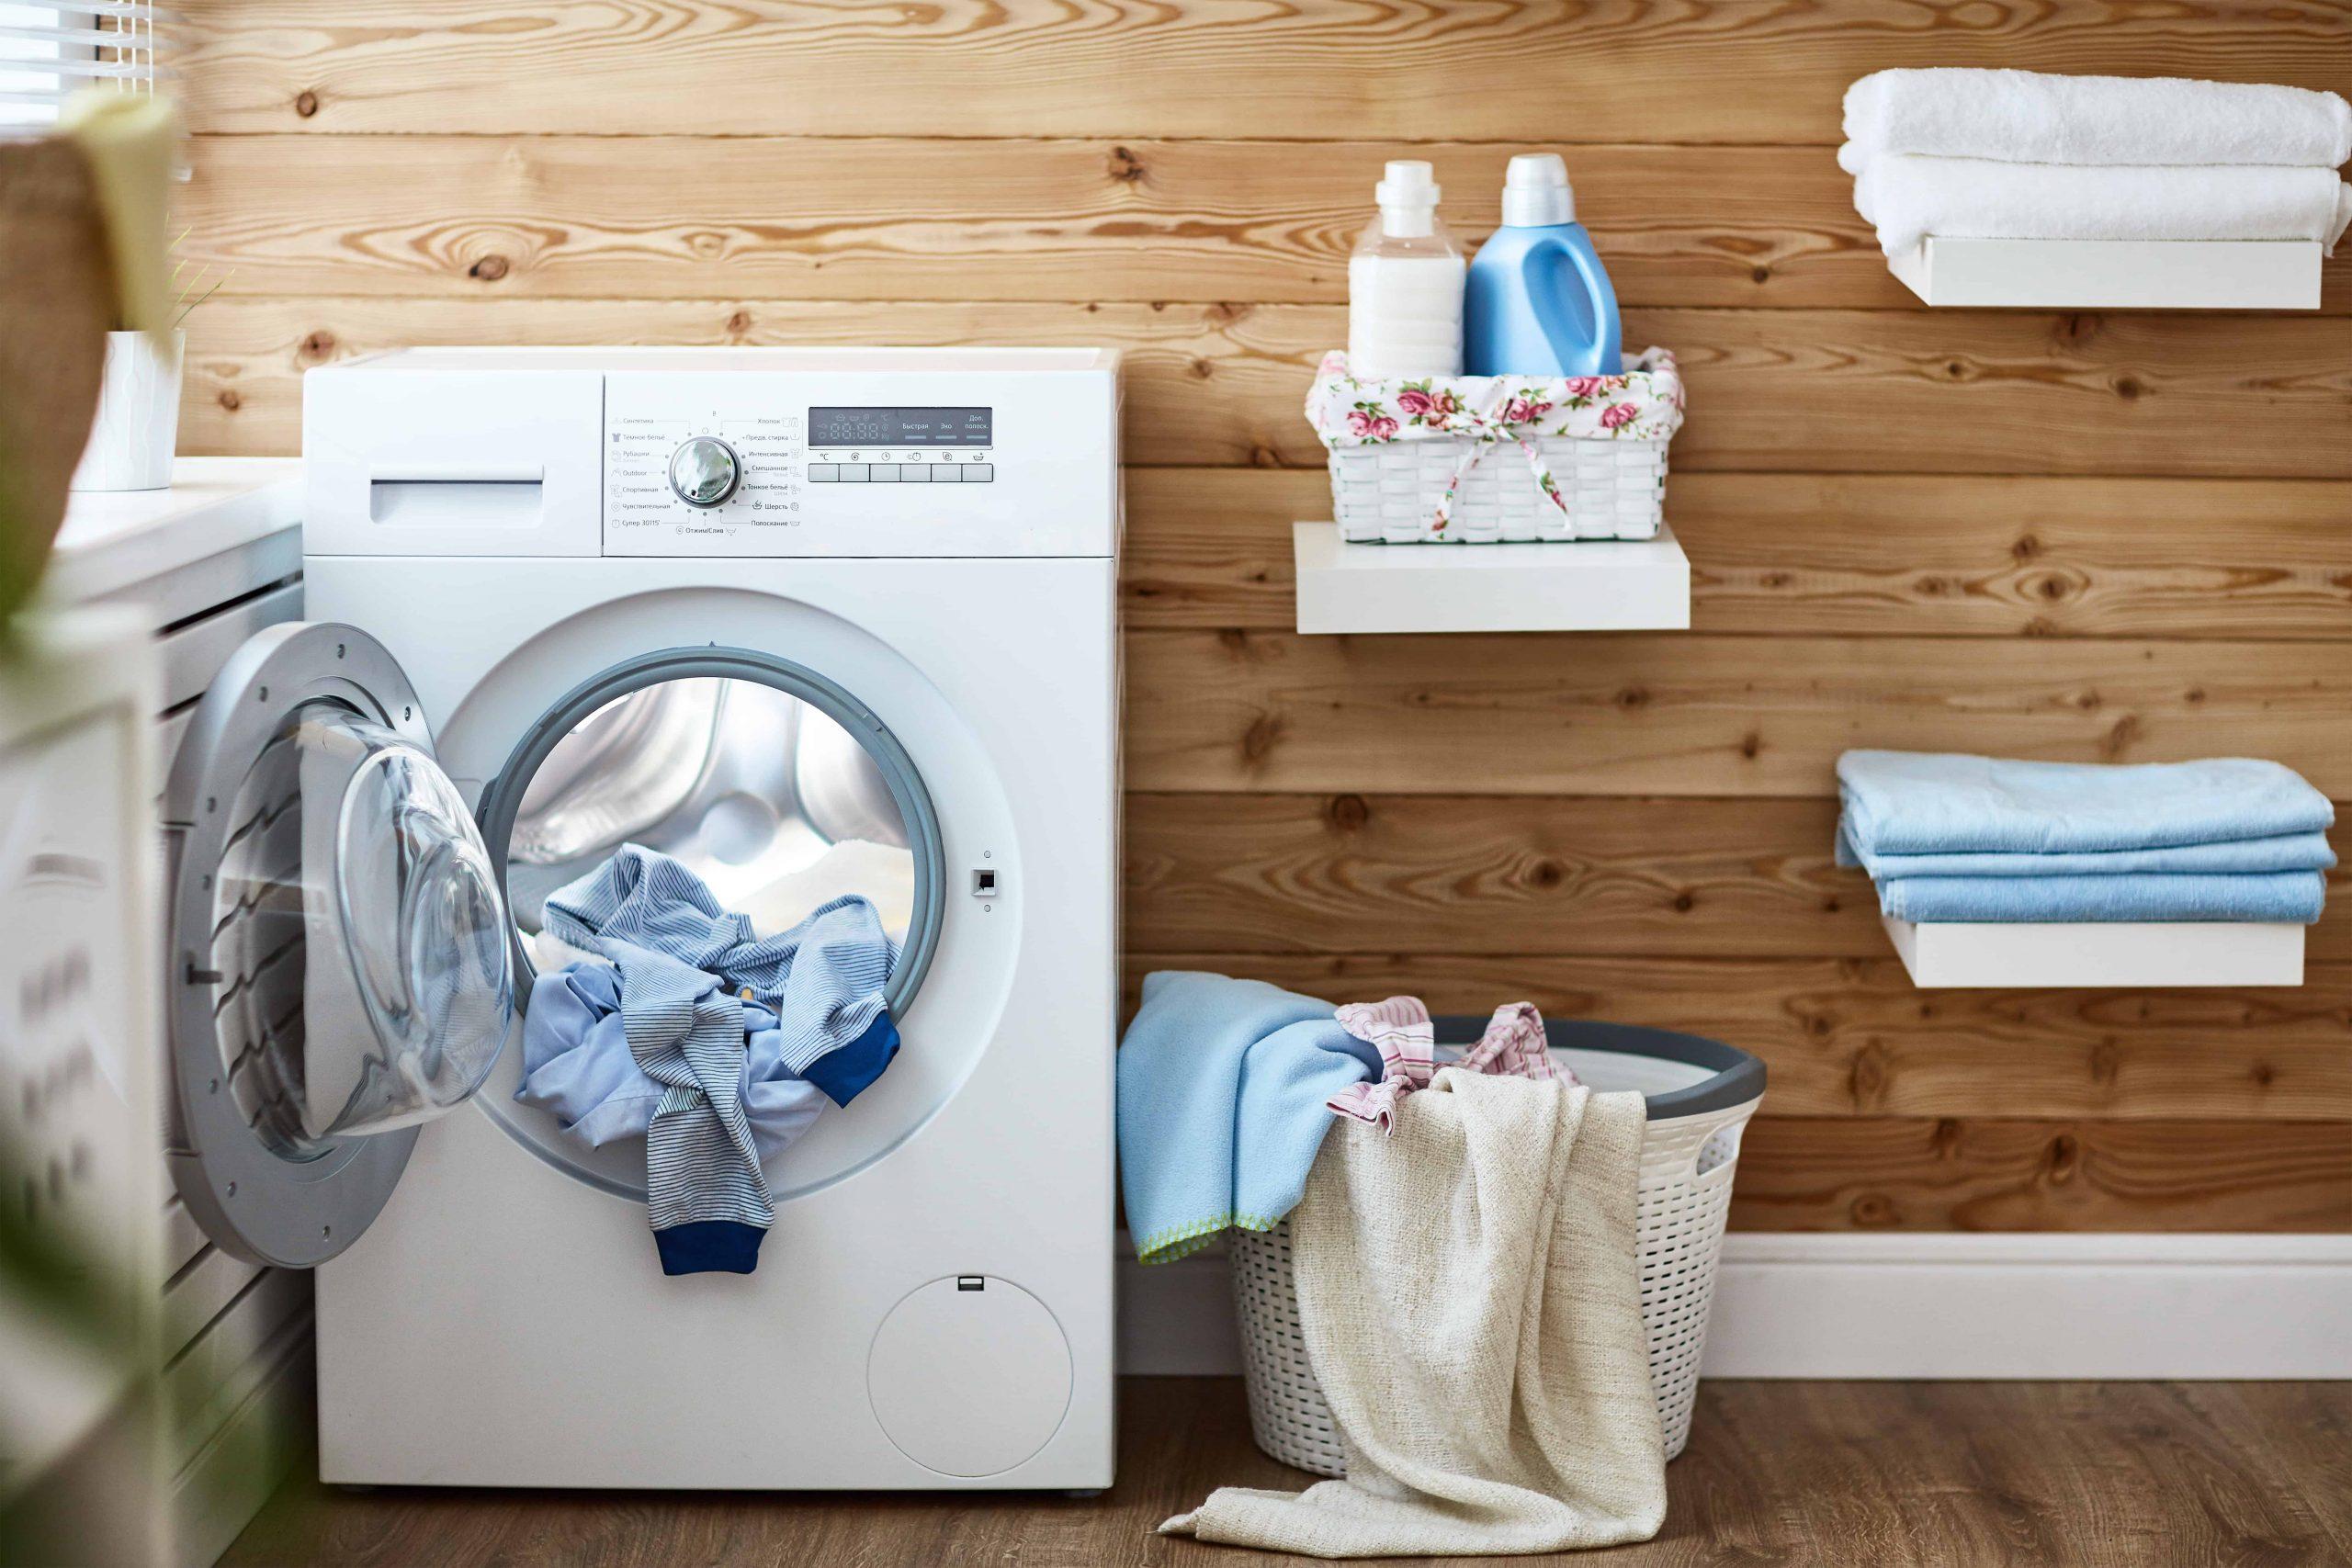 Waschmaschine mit Trockner: Test & Empfehlungen (11/20)